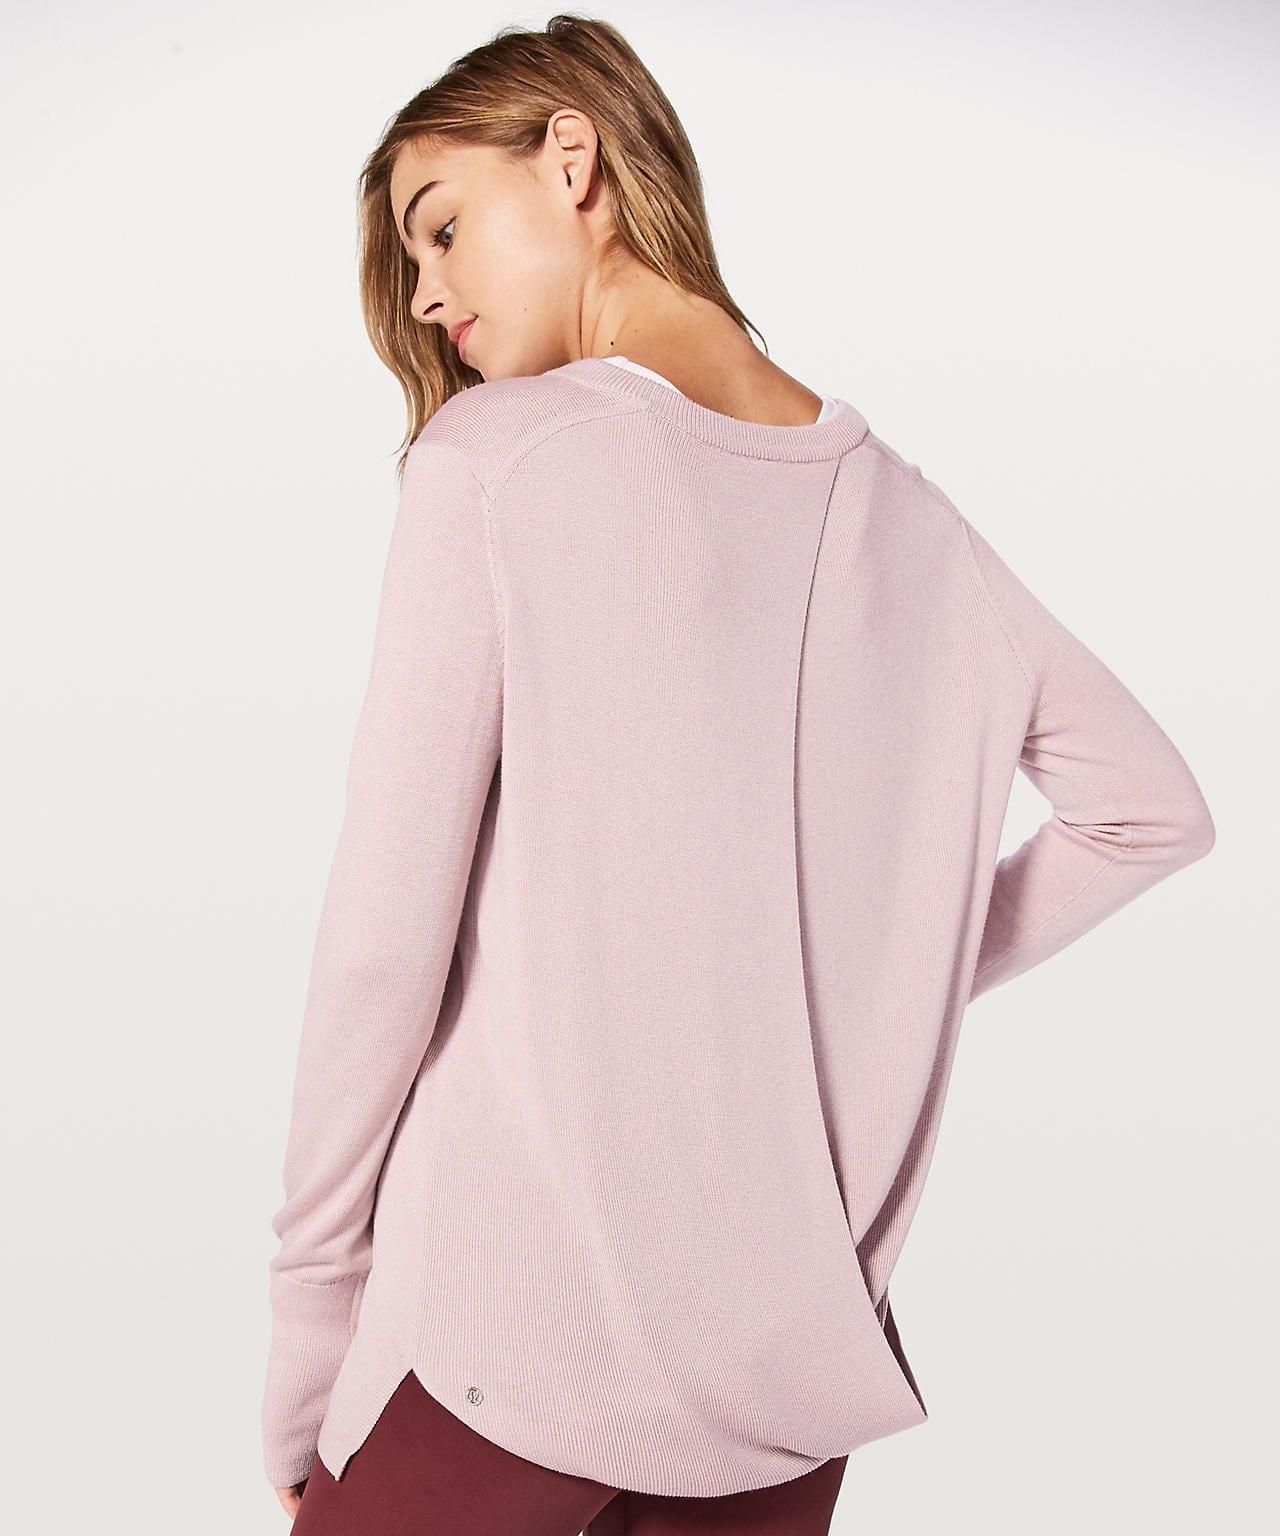 Bring It Backbend Sweater